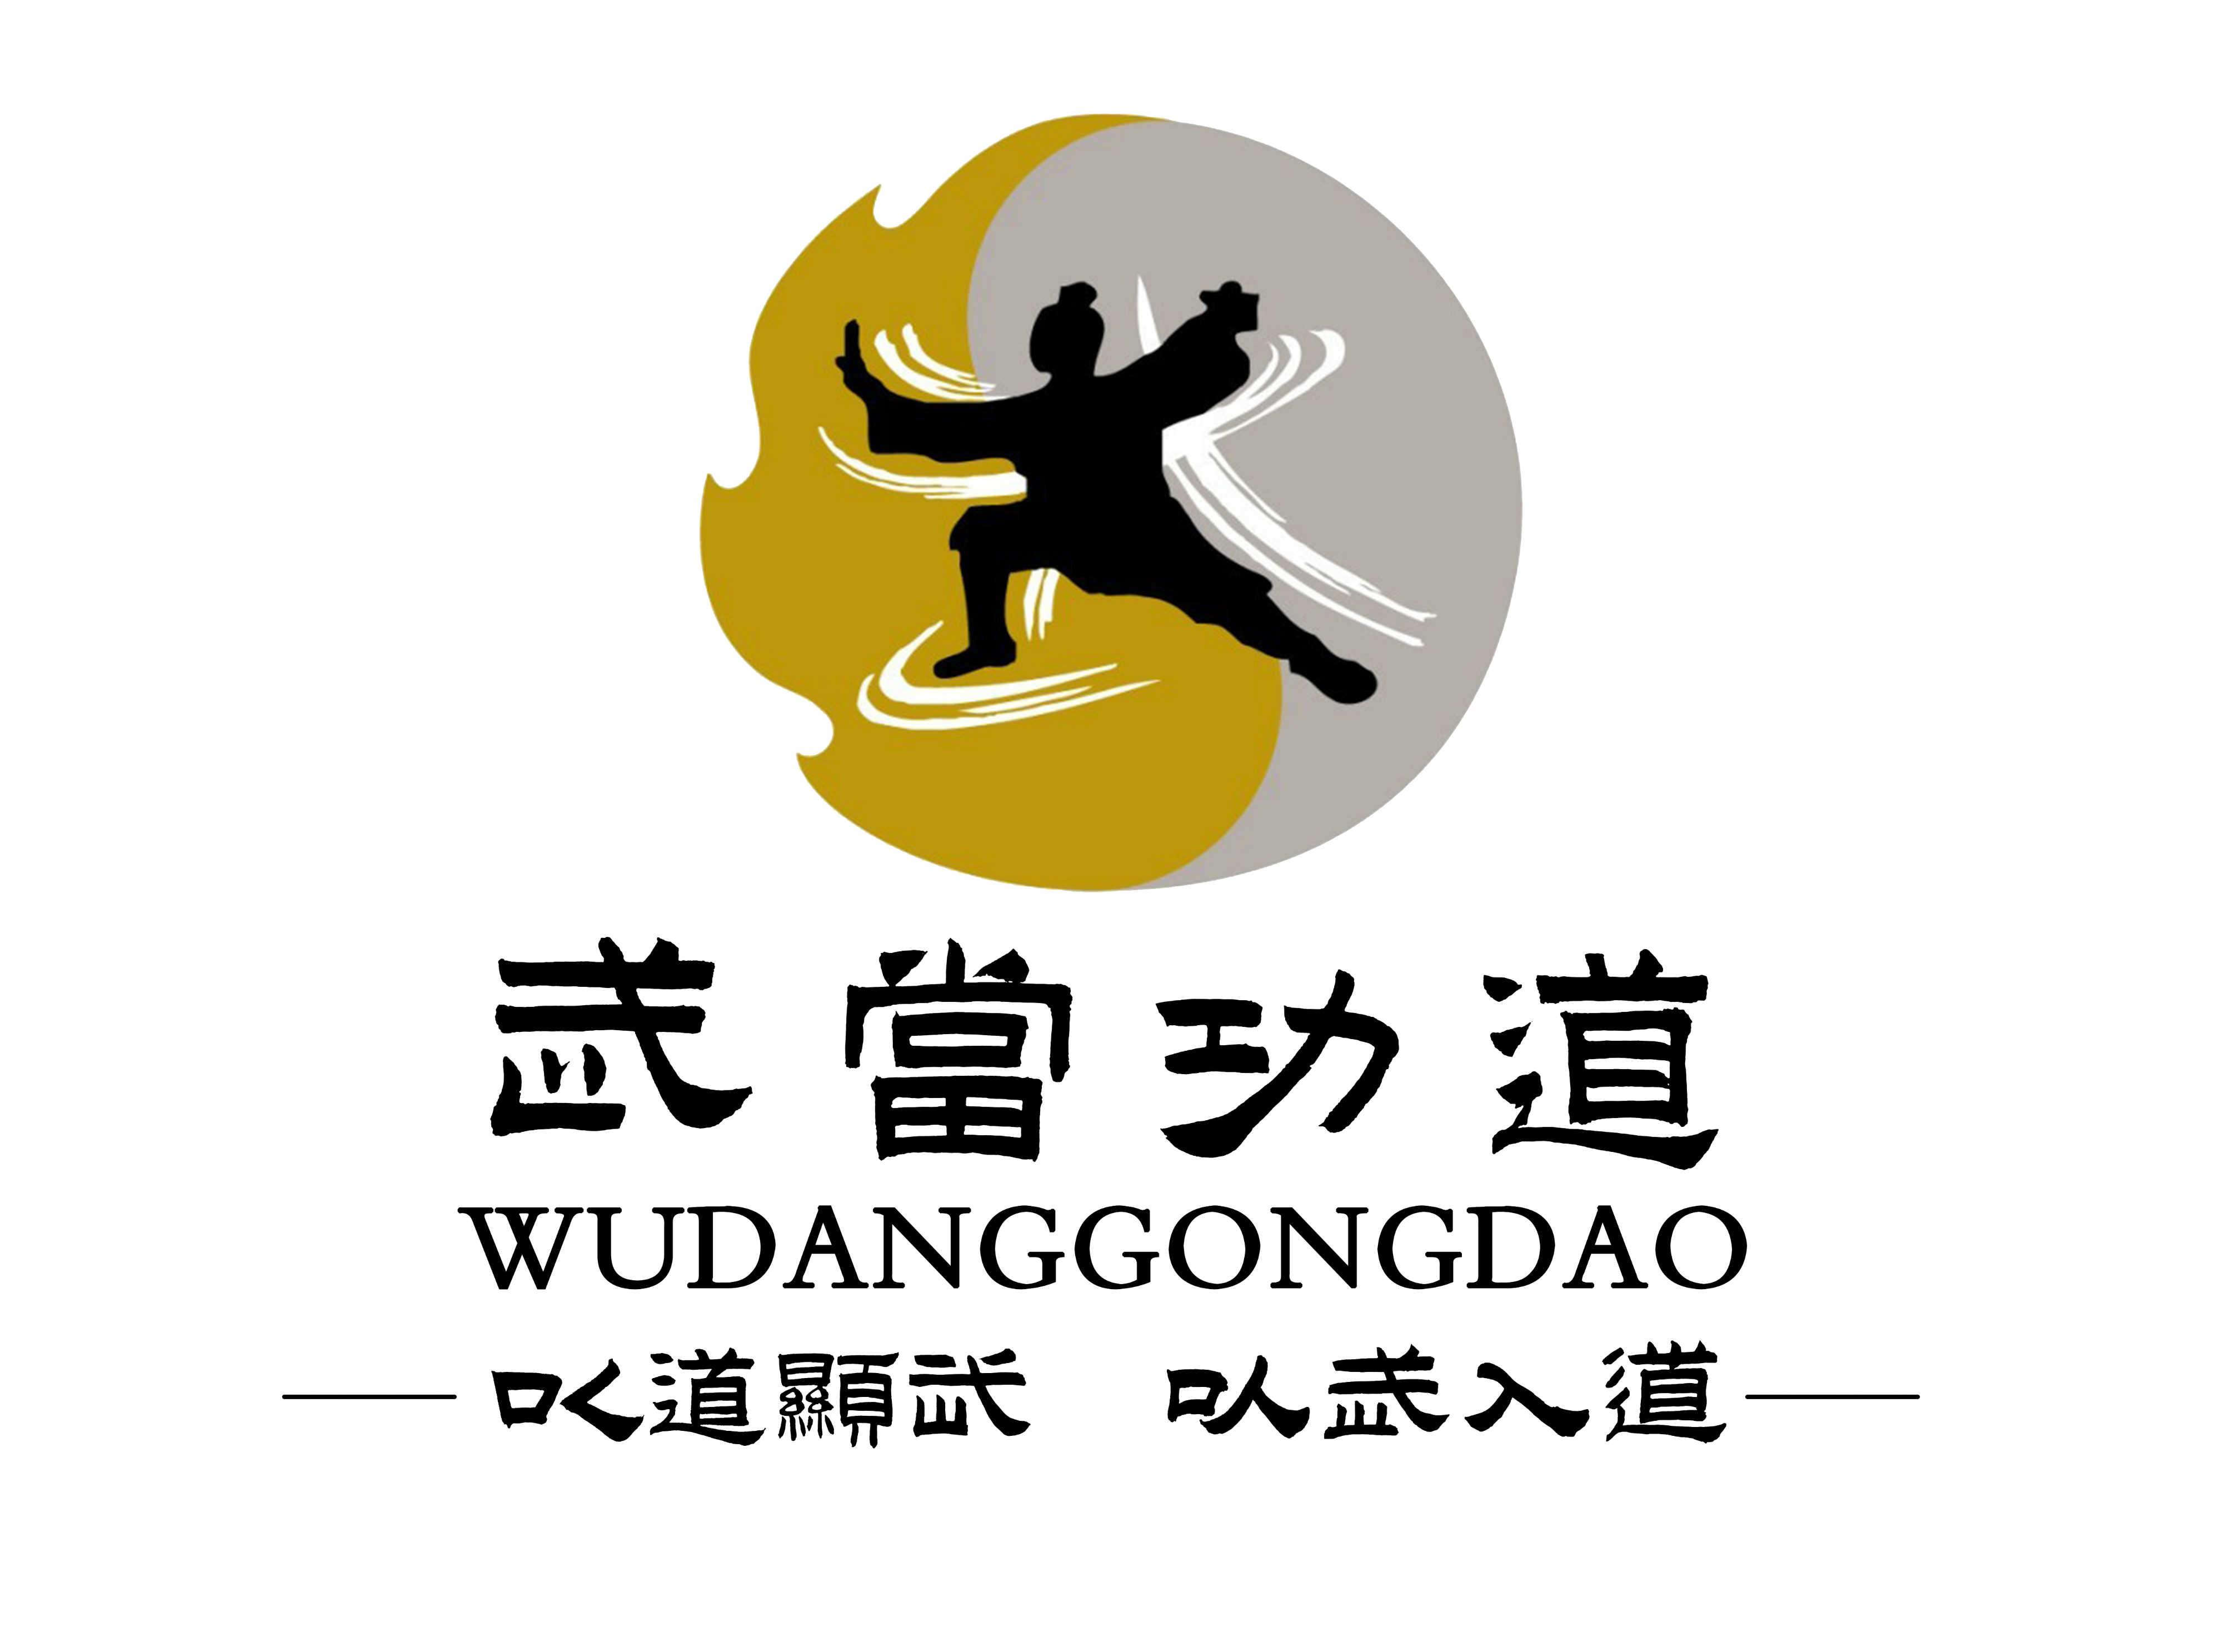 Wudang Gong Dao